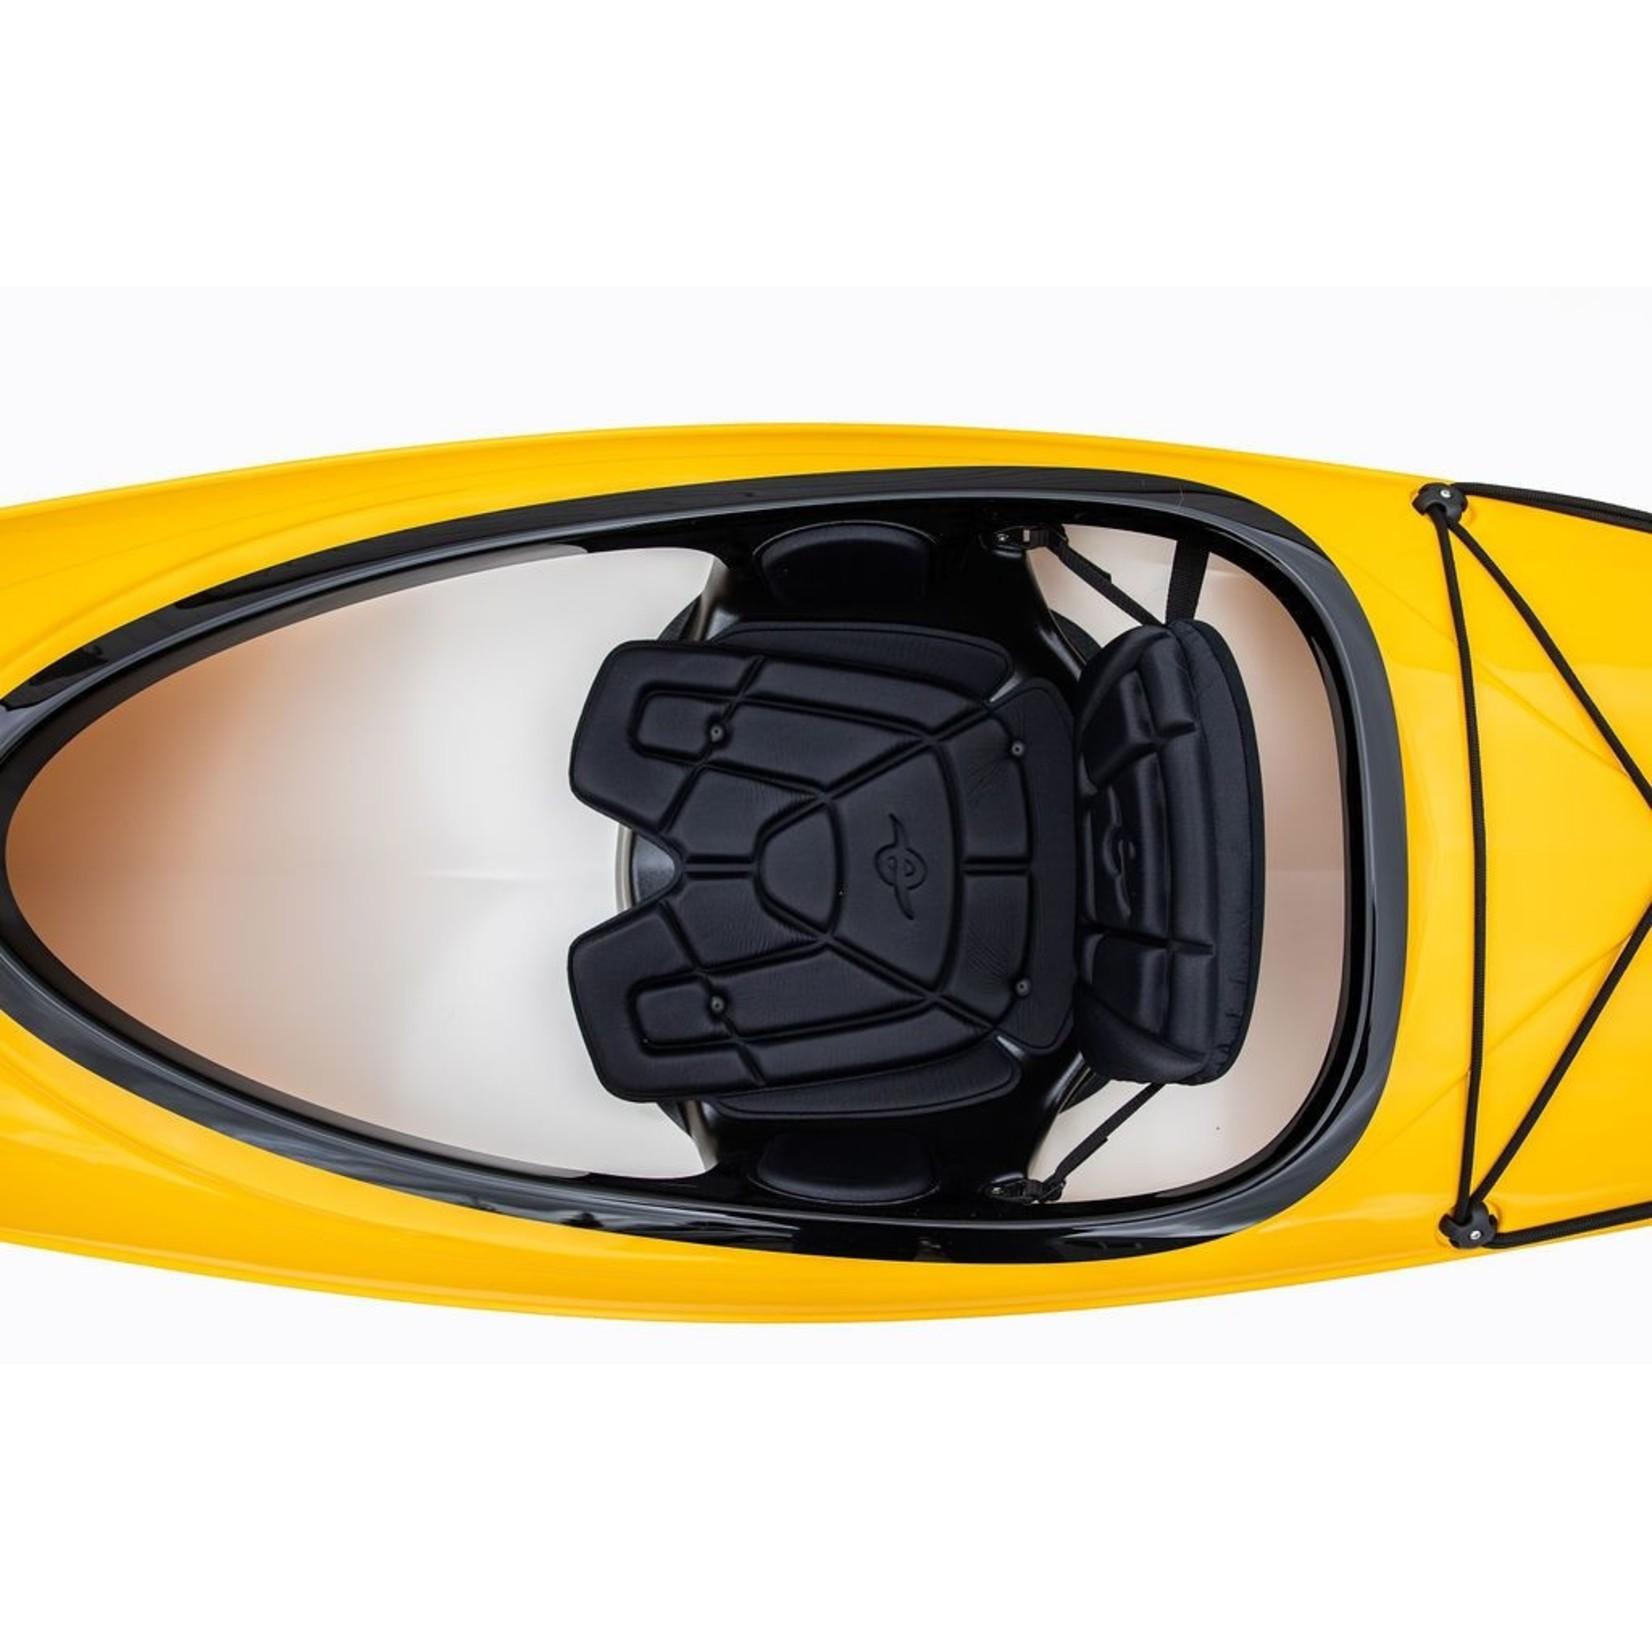 Eddyline Eddyline Kayak Sky 10